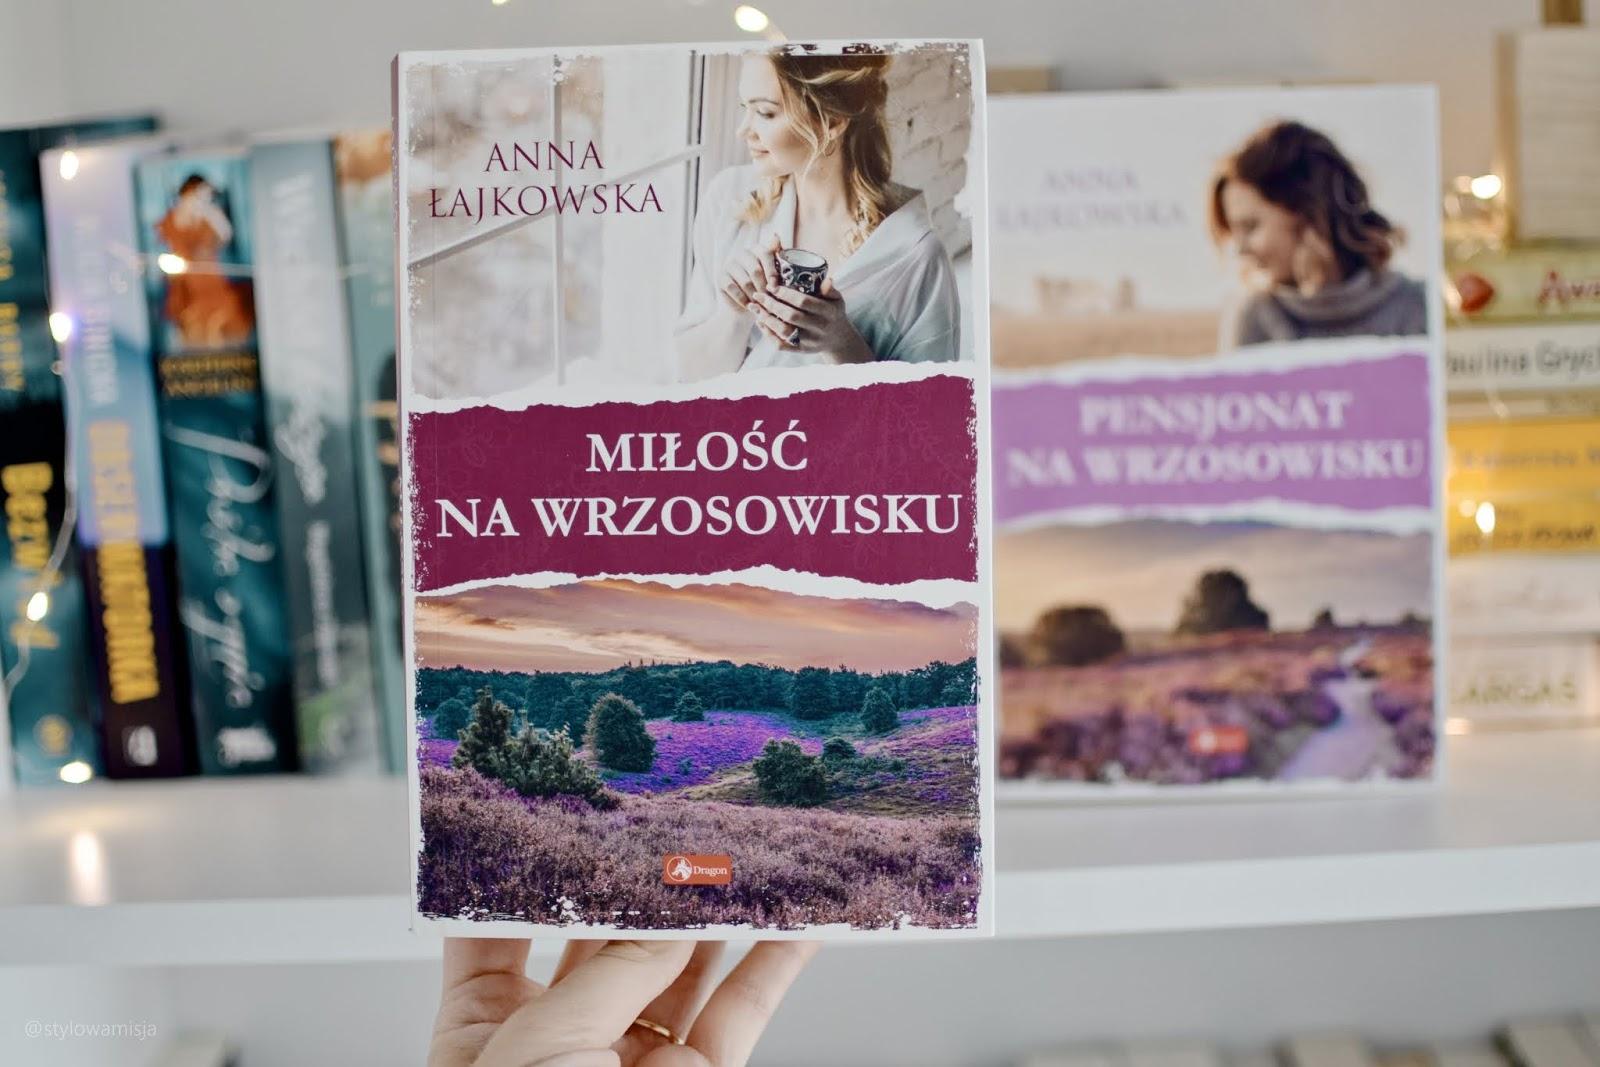 Wrzosowiska, PensjonatNaWrzosowisku, MiłośćNaWrzosowisku, AnnaŁajkowska, WydawnictwoDragon, romans, zdrada, Anglia, opowiadanie, recenzja,